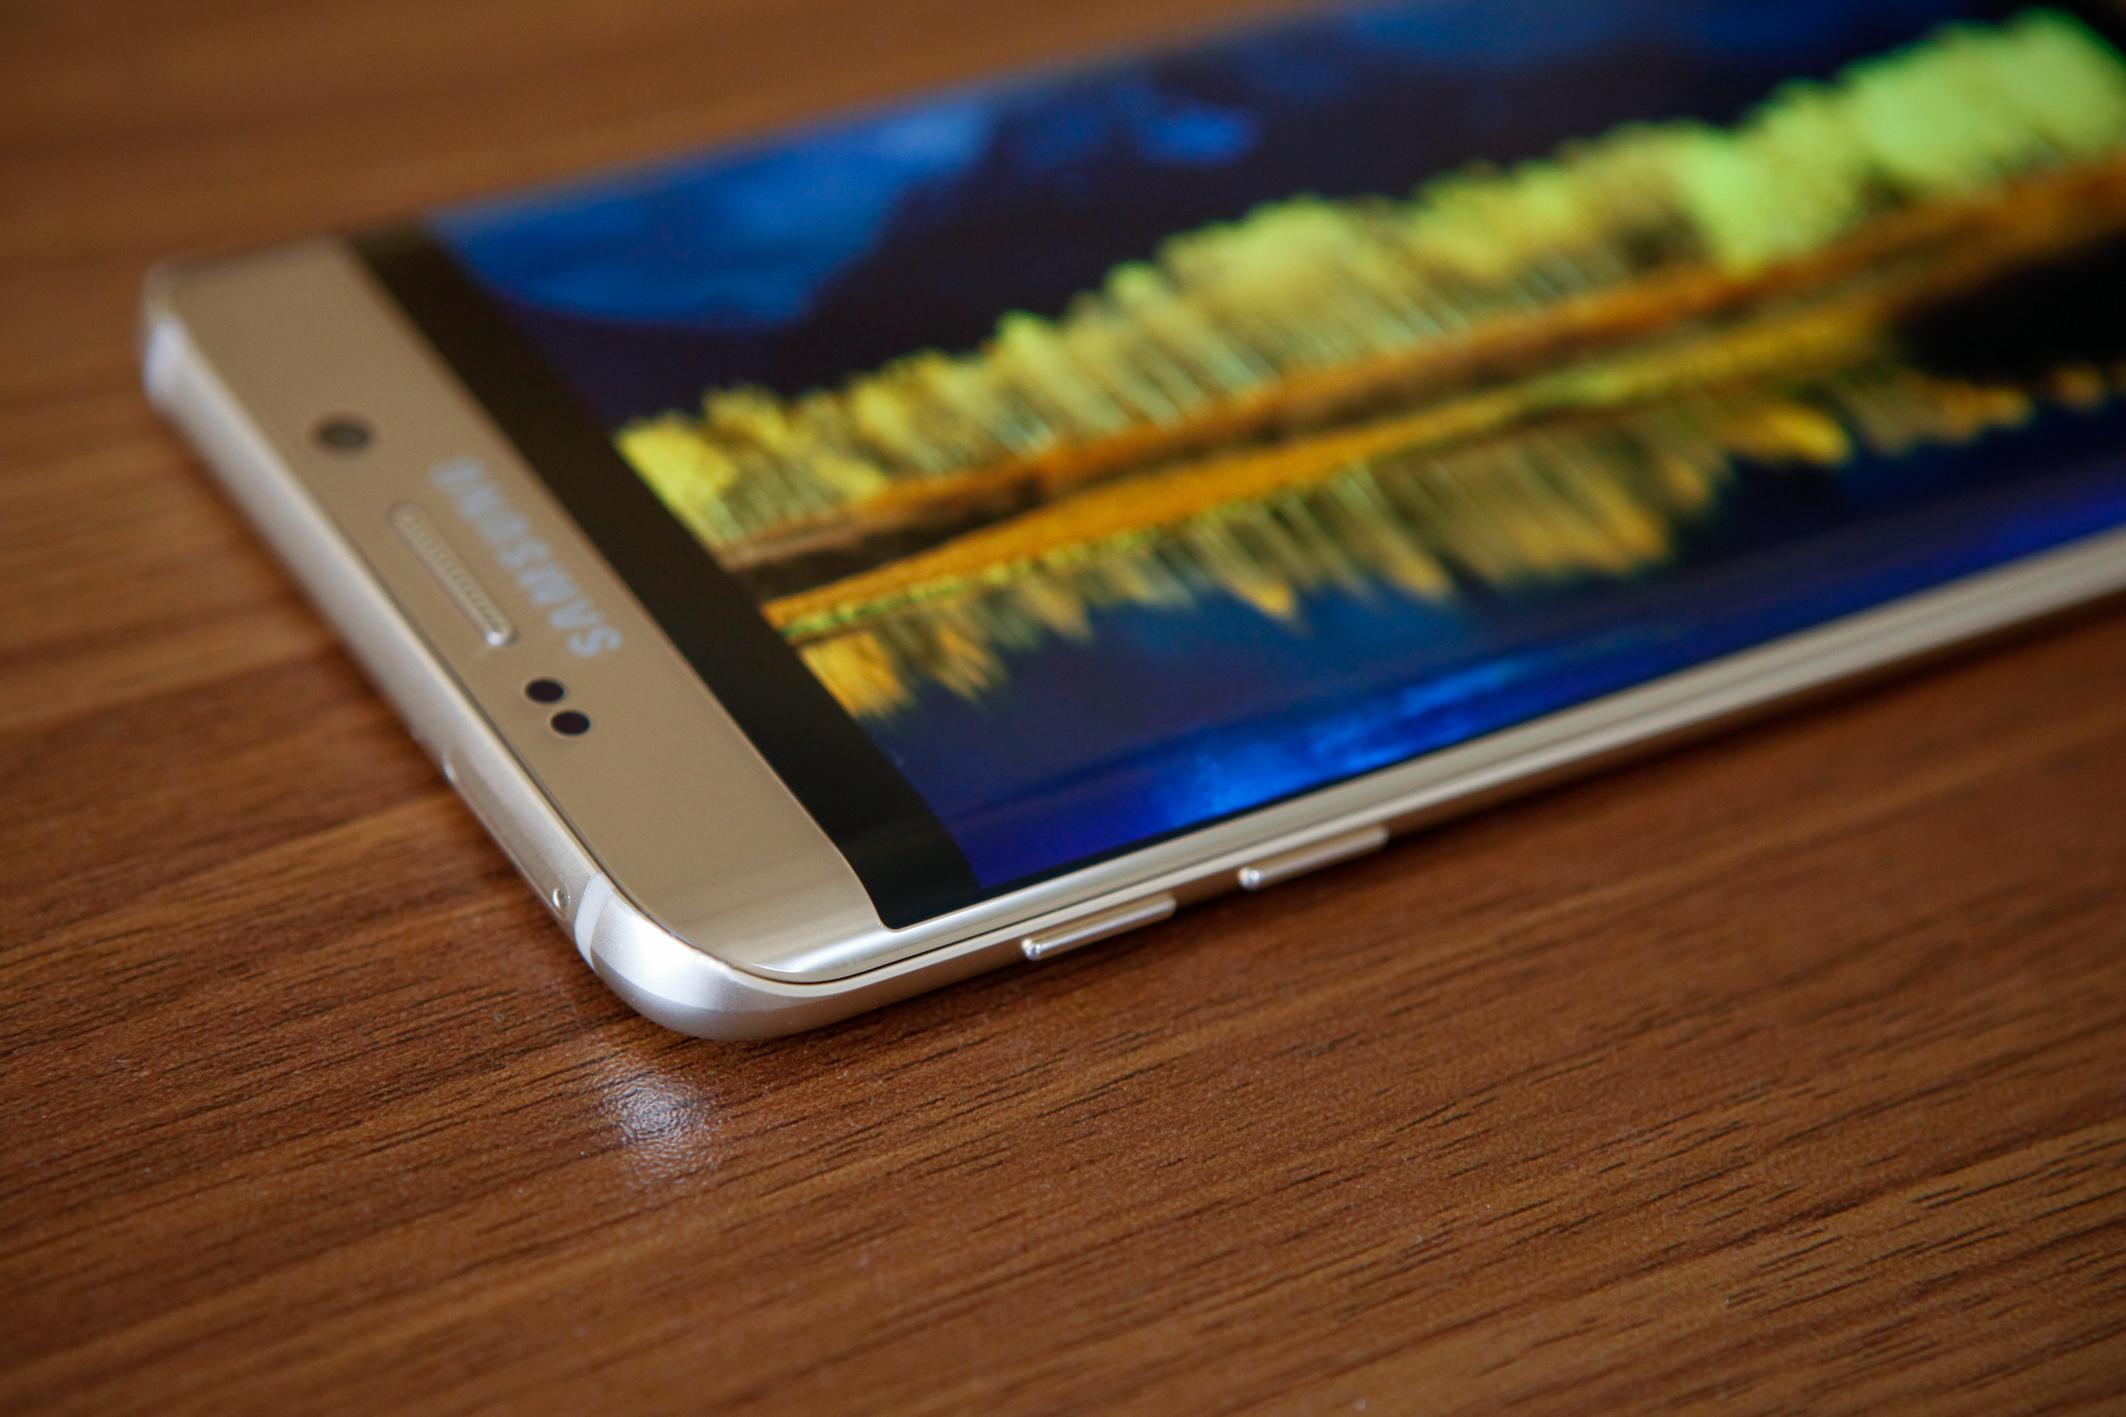 Diện mạo Galaxy S6 Edge Plus và Note 5 đẹp ngỡ ngàng